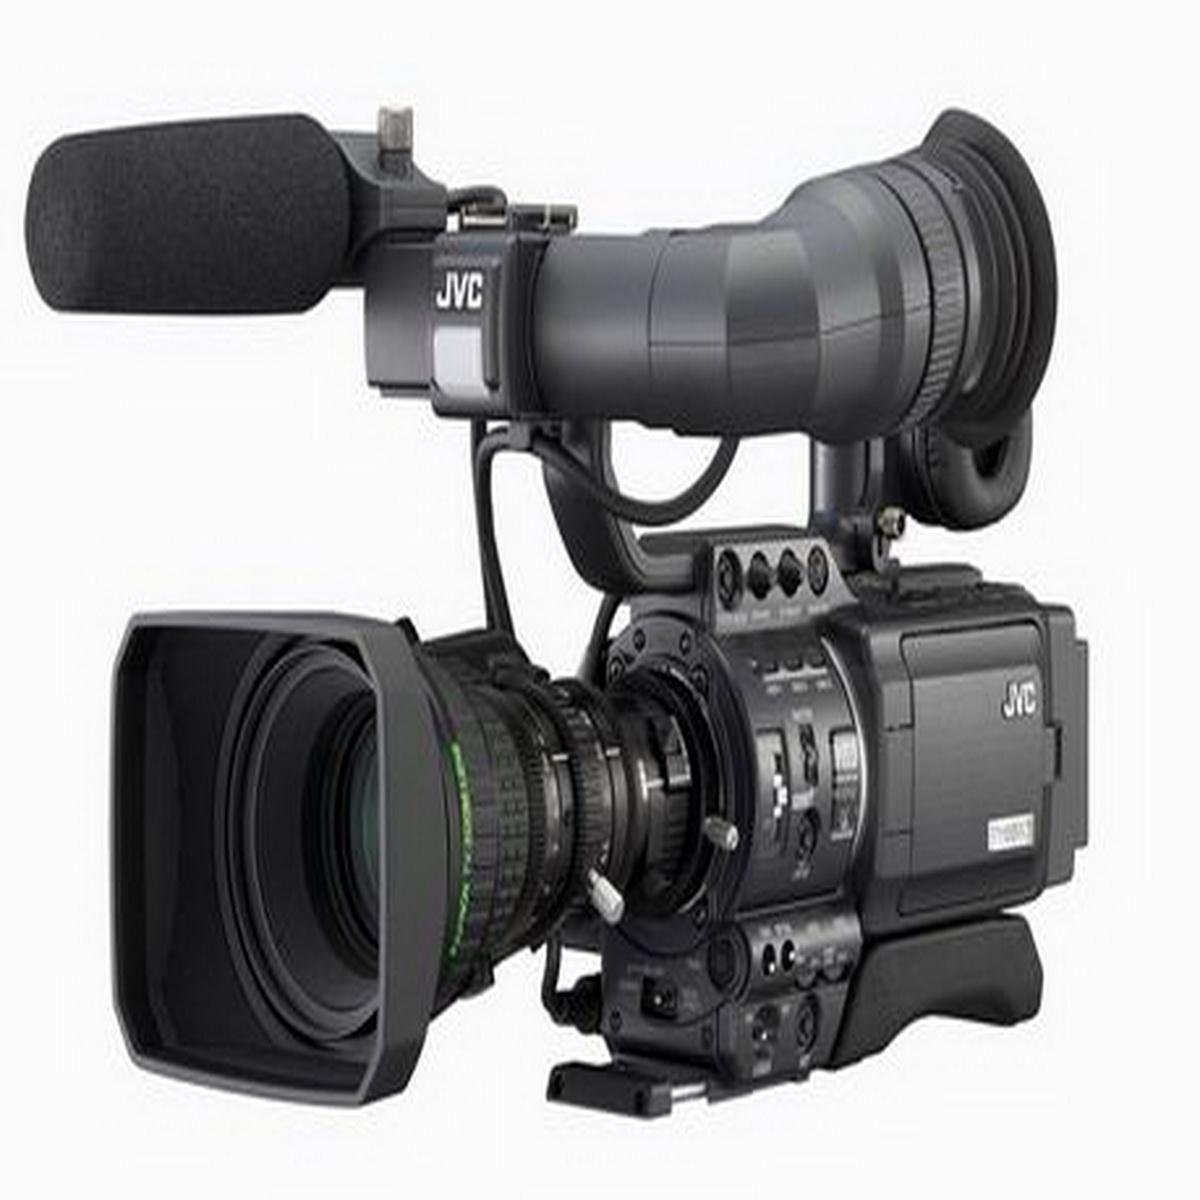 厦门jvc数码摄像机维修点价格